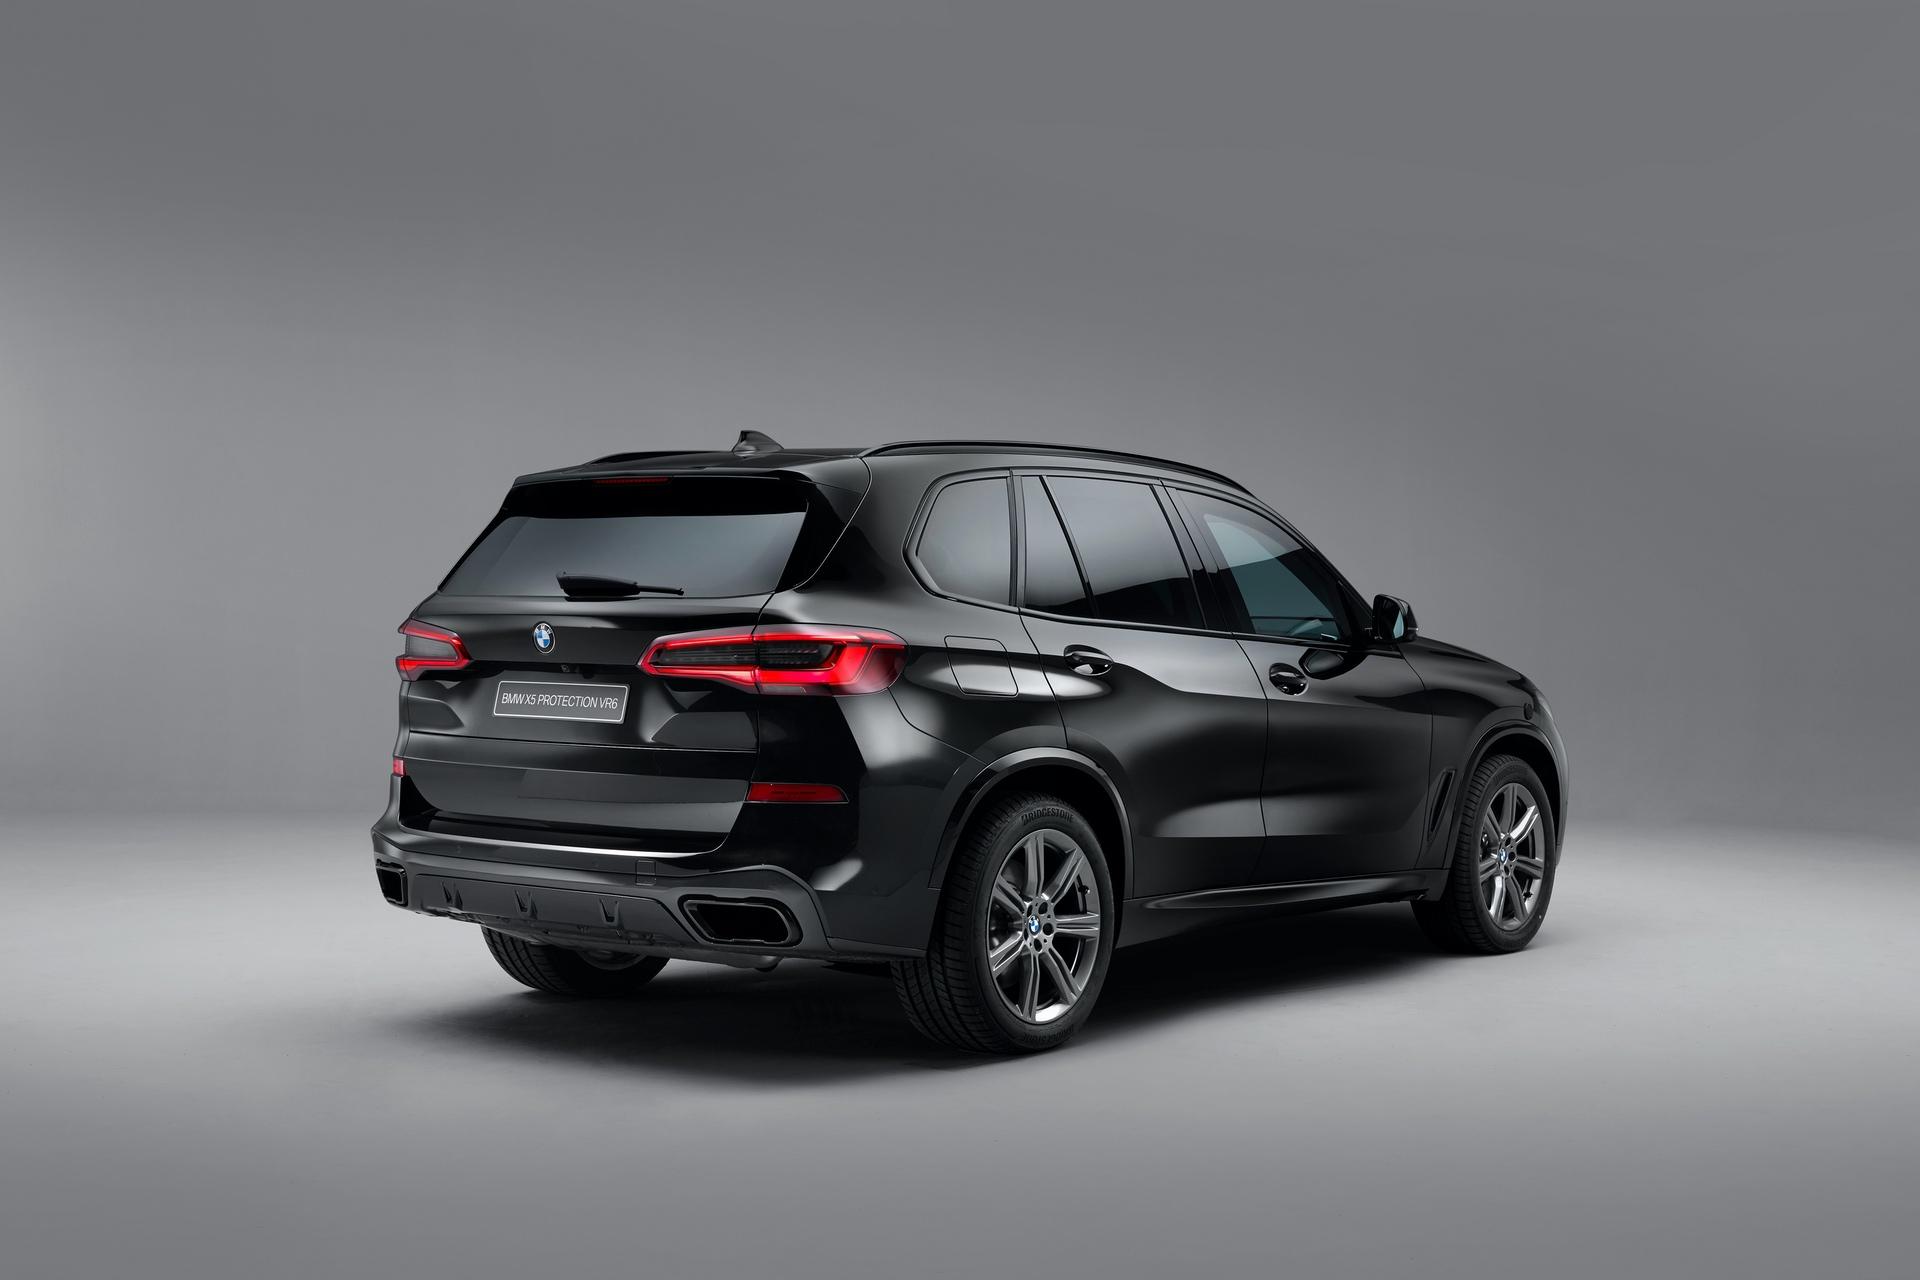 BMW X5 Ini Dijamin Aman Melintasi Para Demonstran